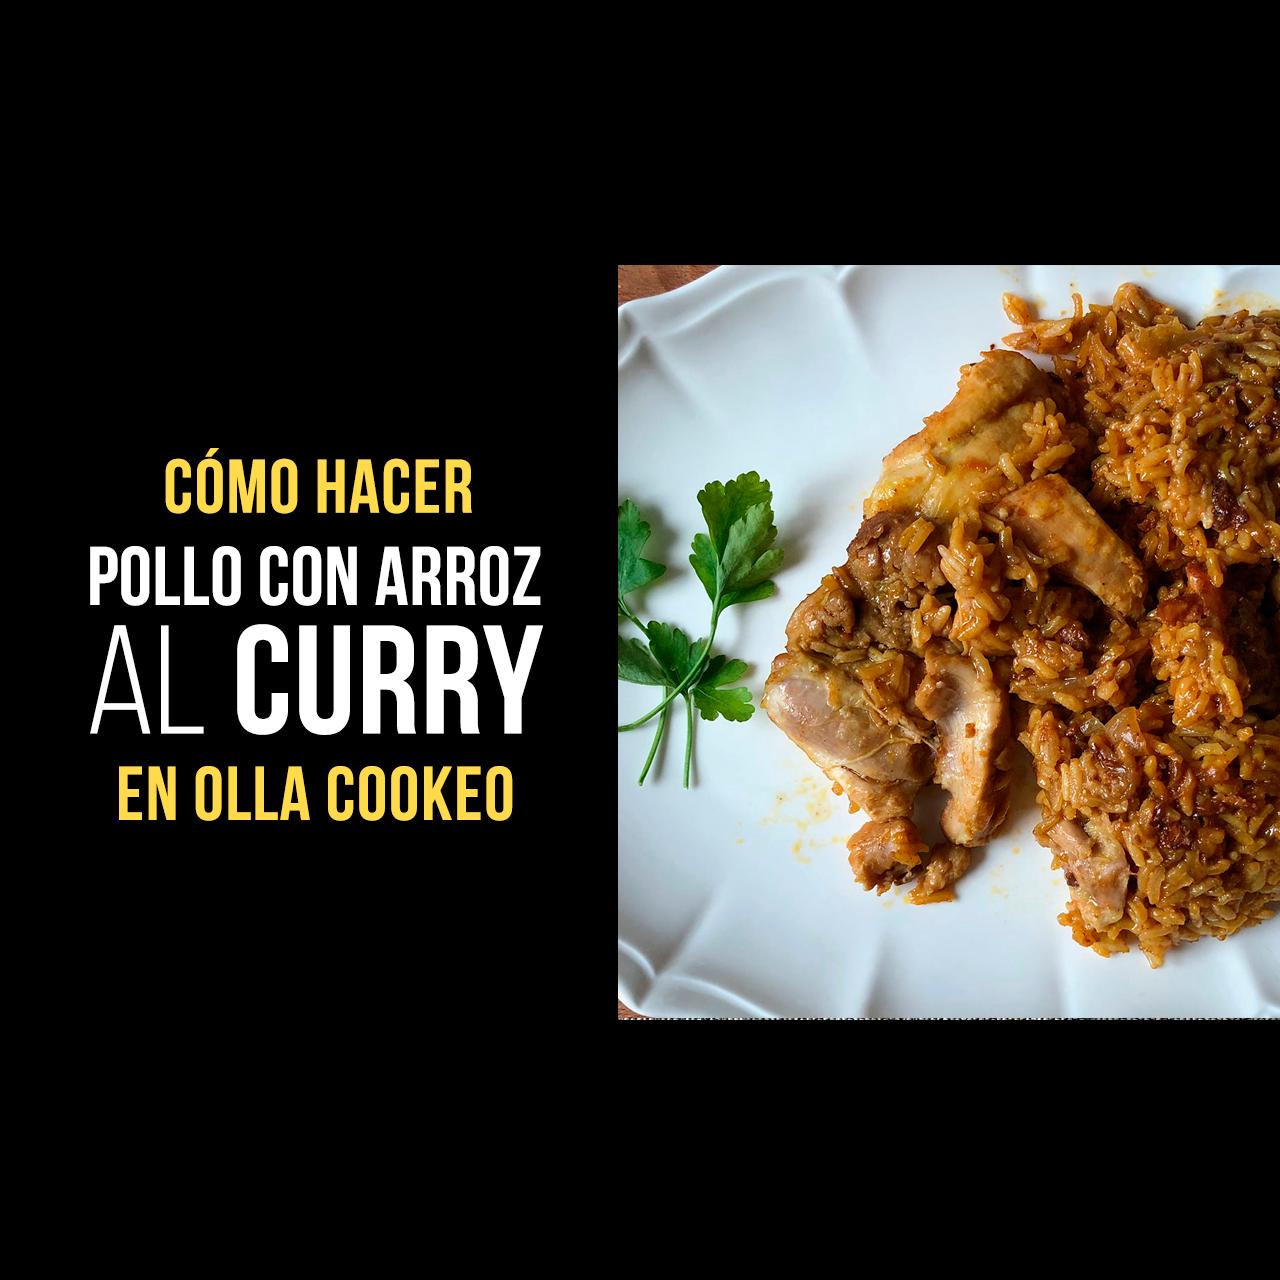 Pollo con Arroz al Curry en Olla Cookeo